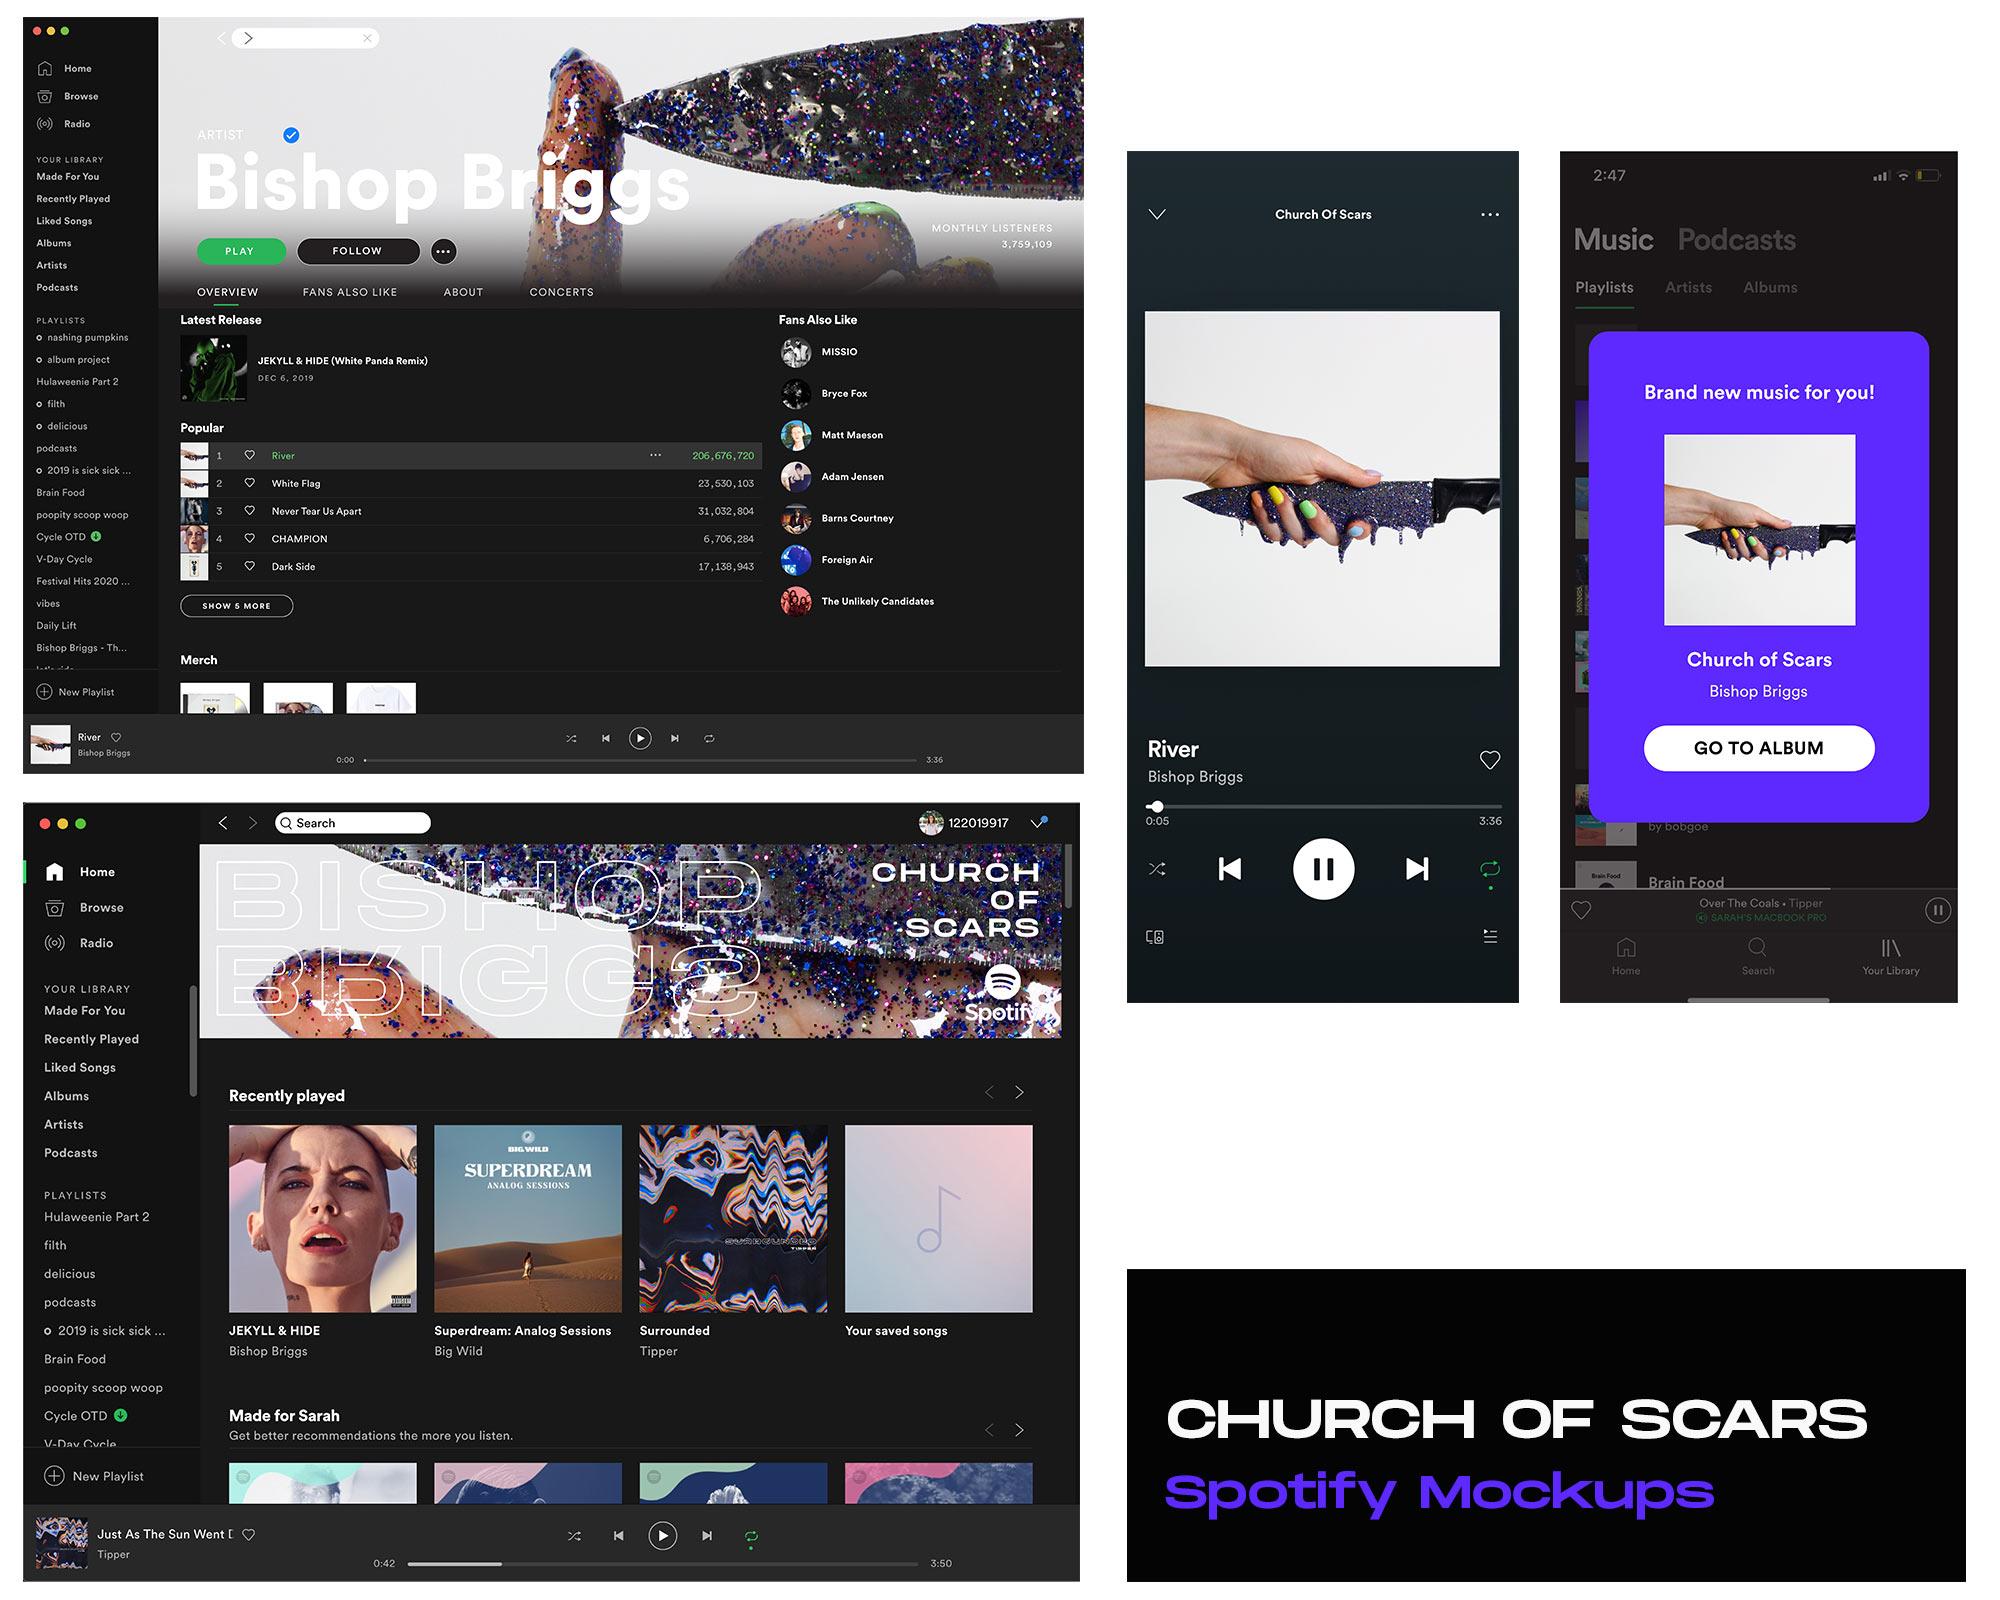 SR_Cantor_ChurchOfScars_1-Sarah-Cantor